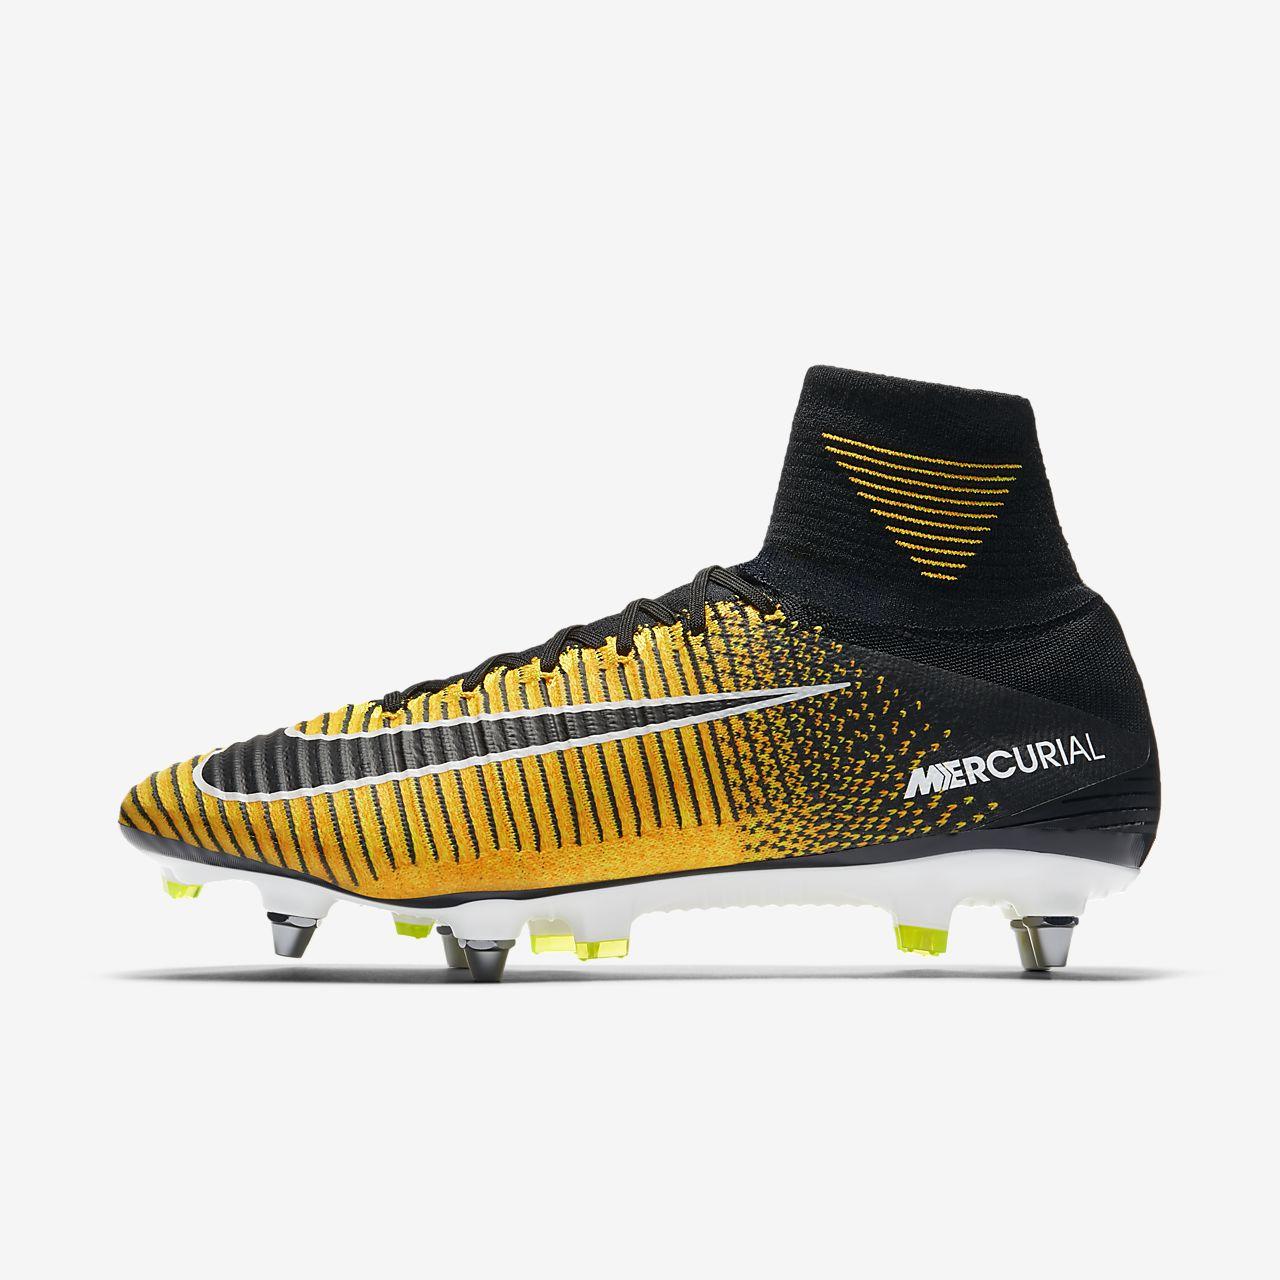 Nike Mercurial Superfly V Dynamic Fit SG PRO Fußballschuh für weichen Rasen